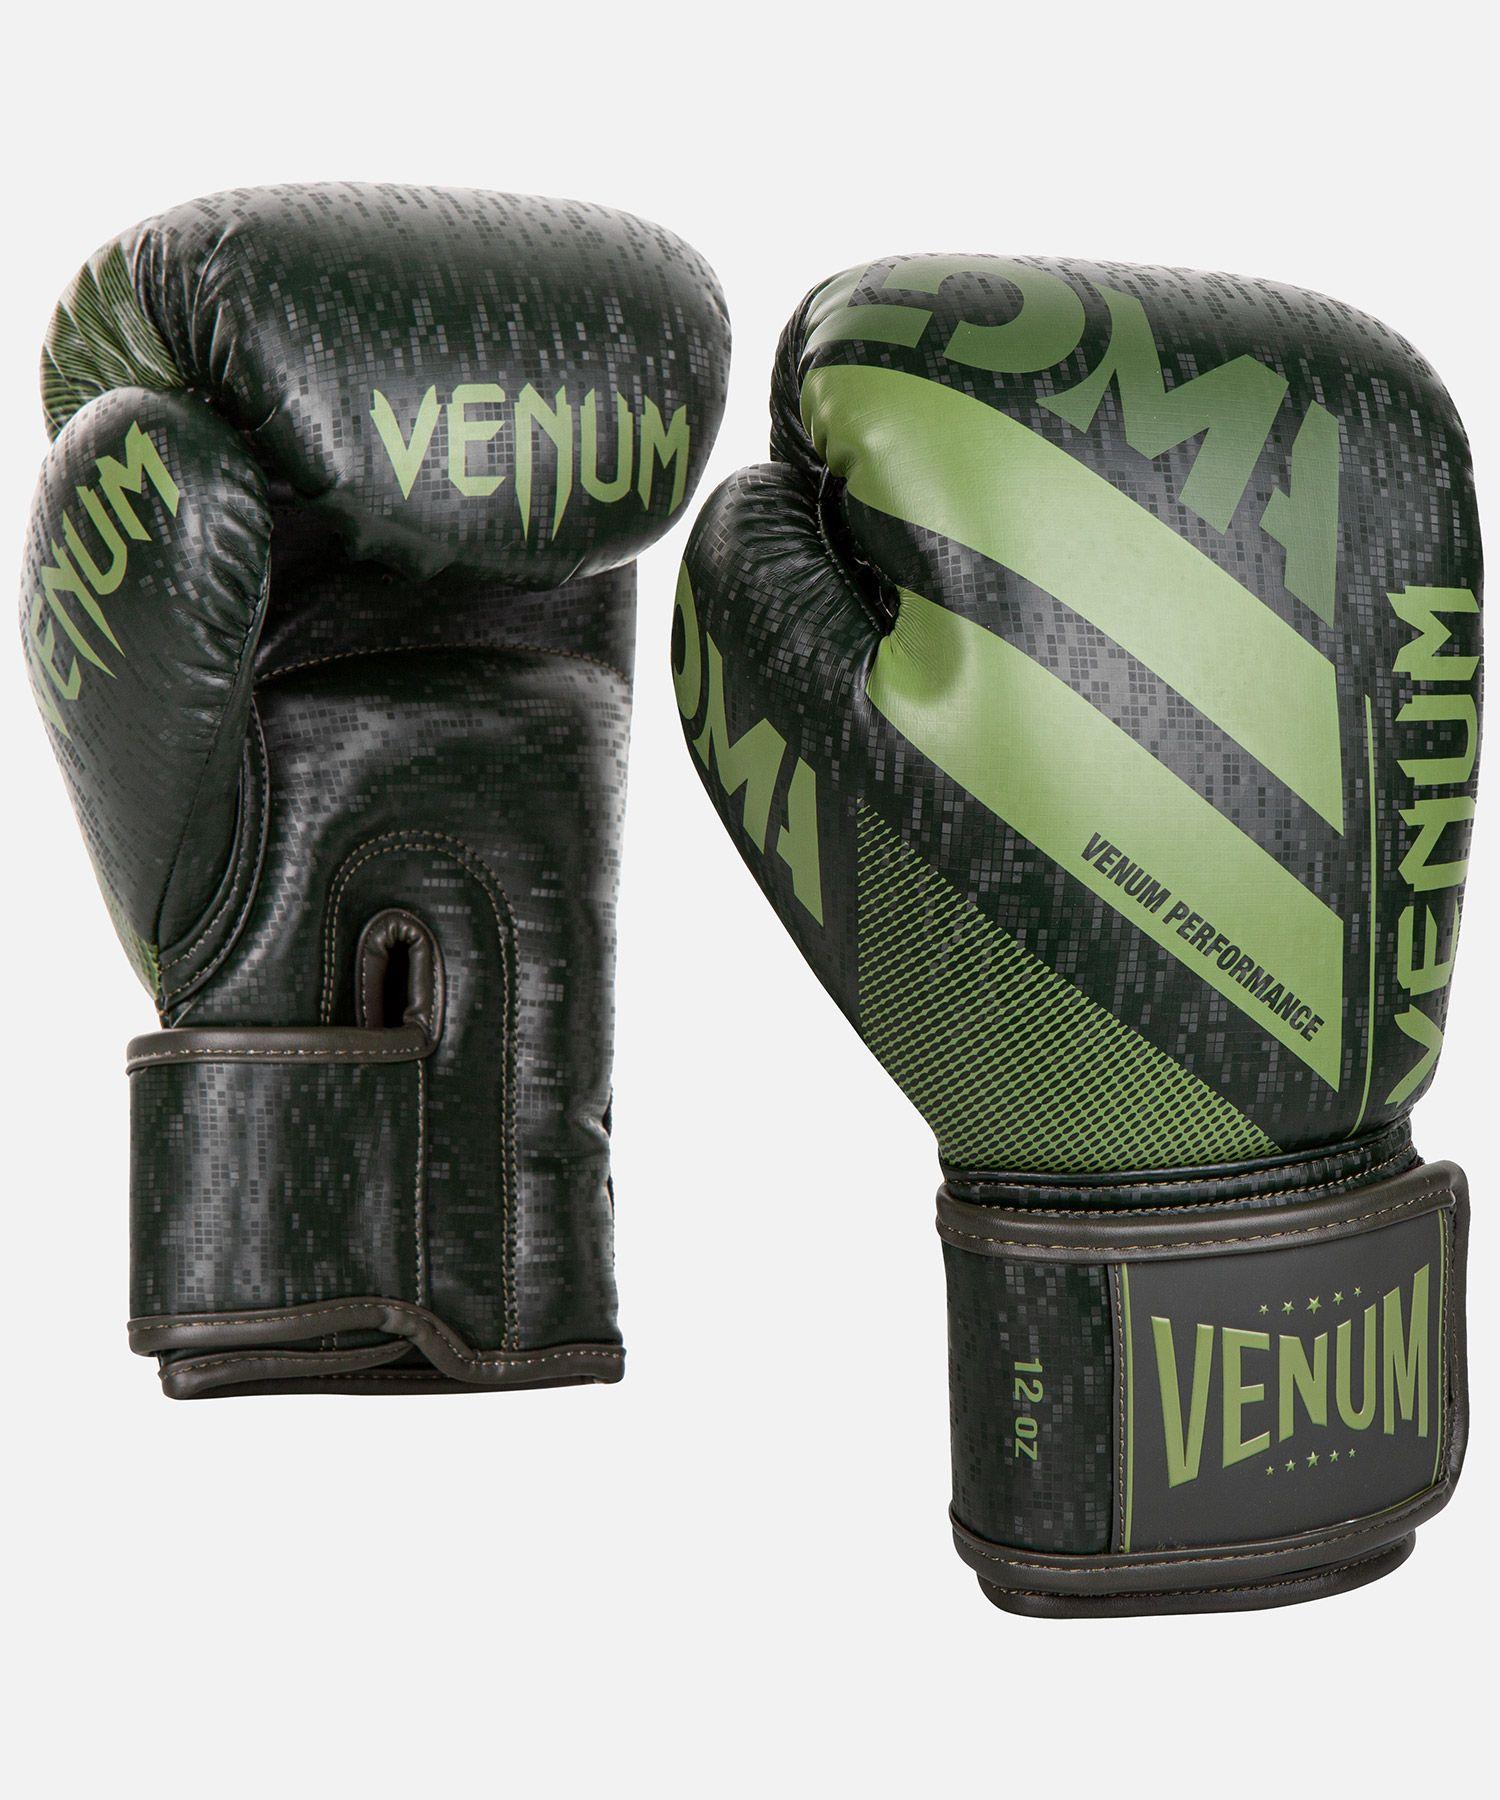 Gants de boxe Venum commando édition Loma